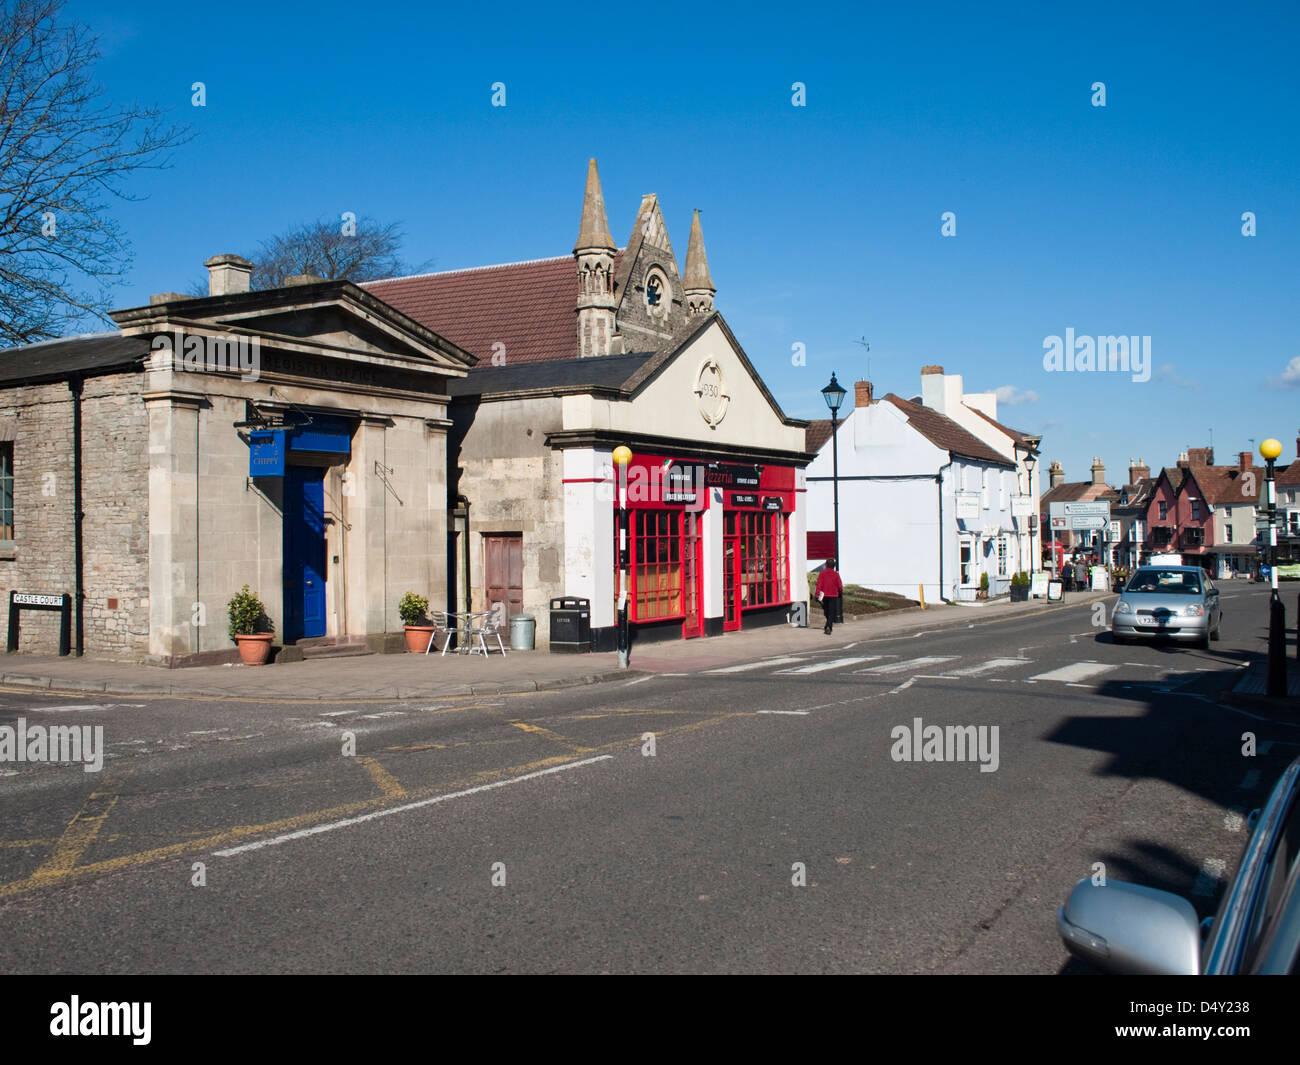 Thornbury in Gloucestershire England UK Stock Photo